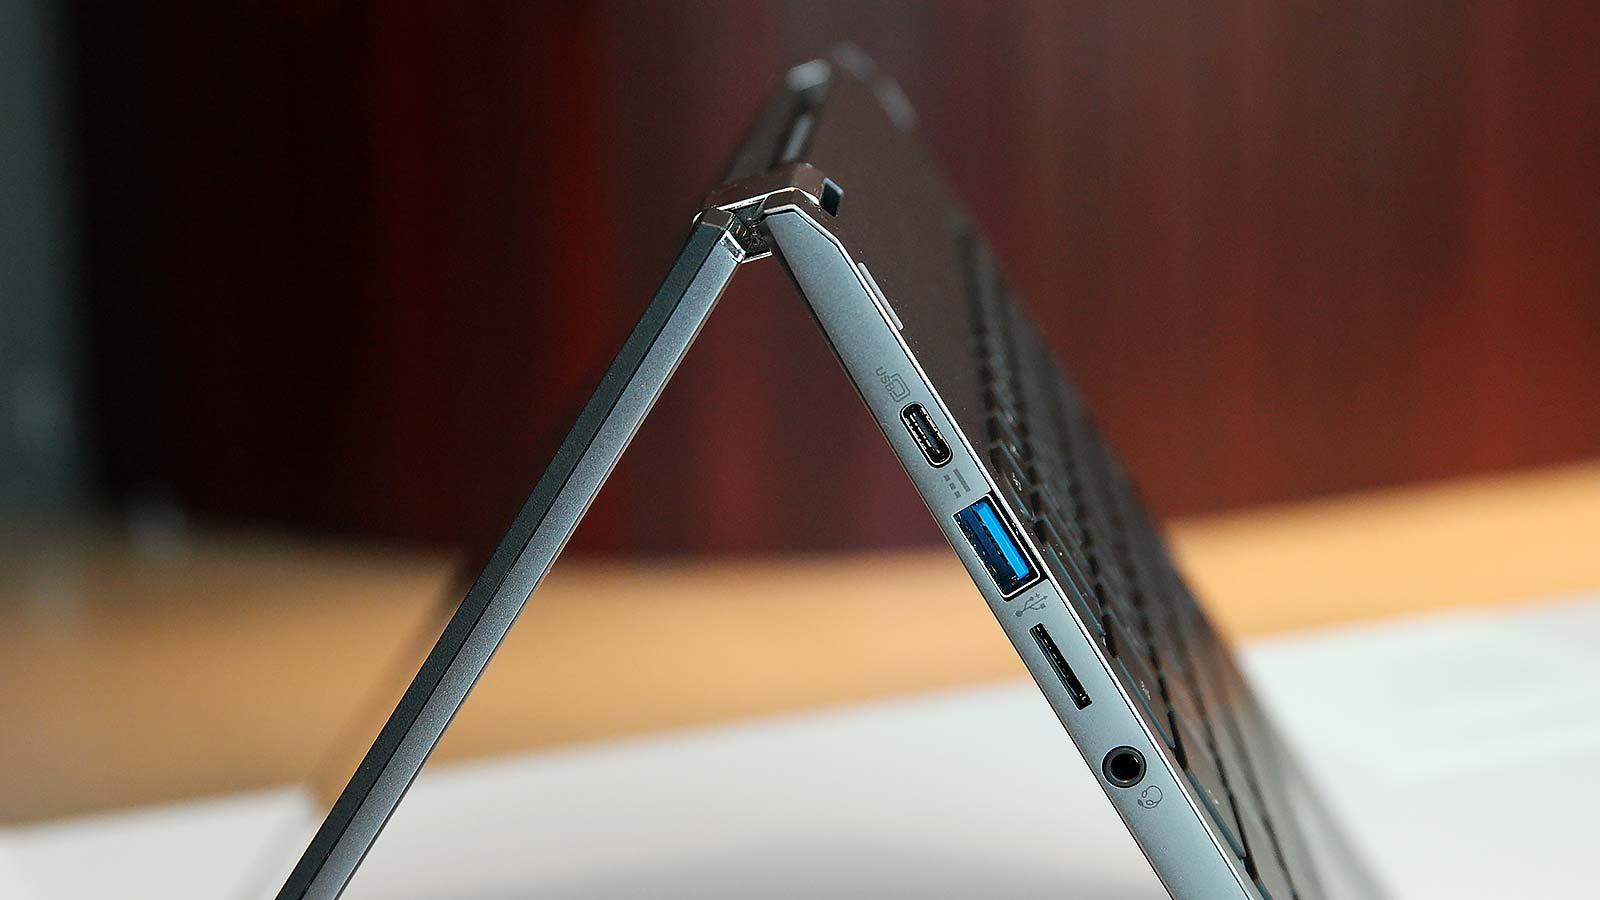 El Chromebook Spin 13 cuenta con un puerto USB–A, un puerto USB–C y ranura para tarjeta microSD, más que lo que incluyen la mayoría de portátiles en el mercado hoy en día.